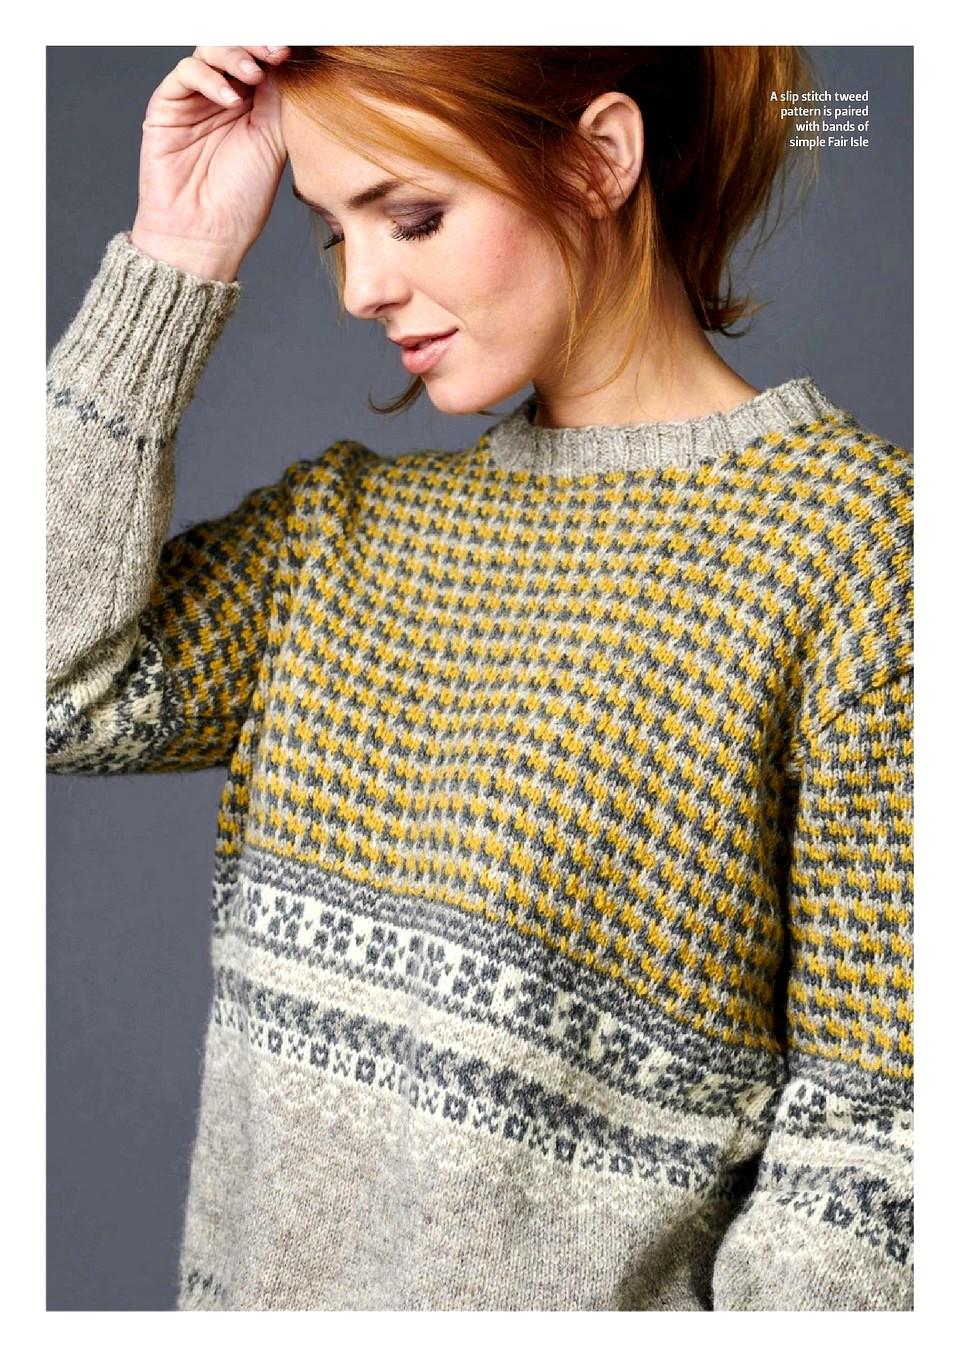 132The-Knitter-042